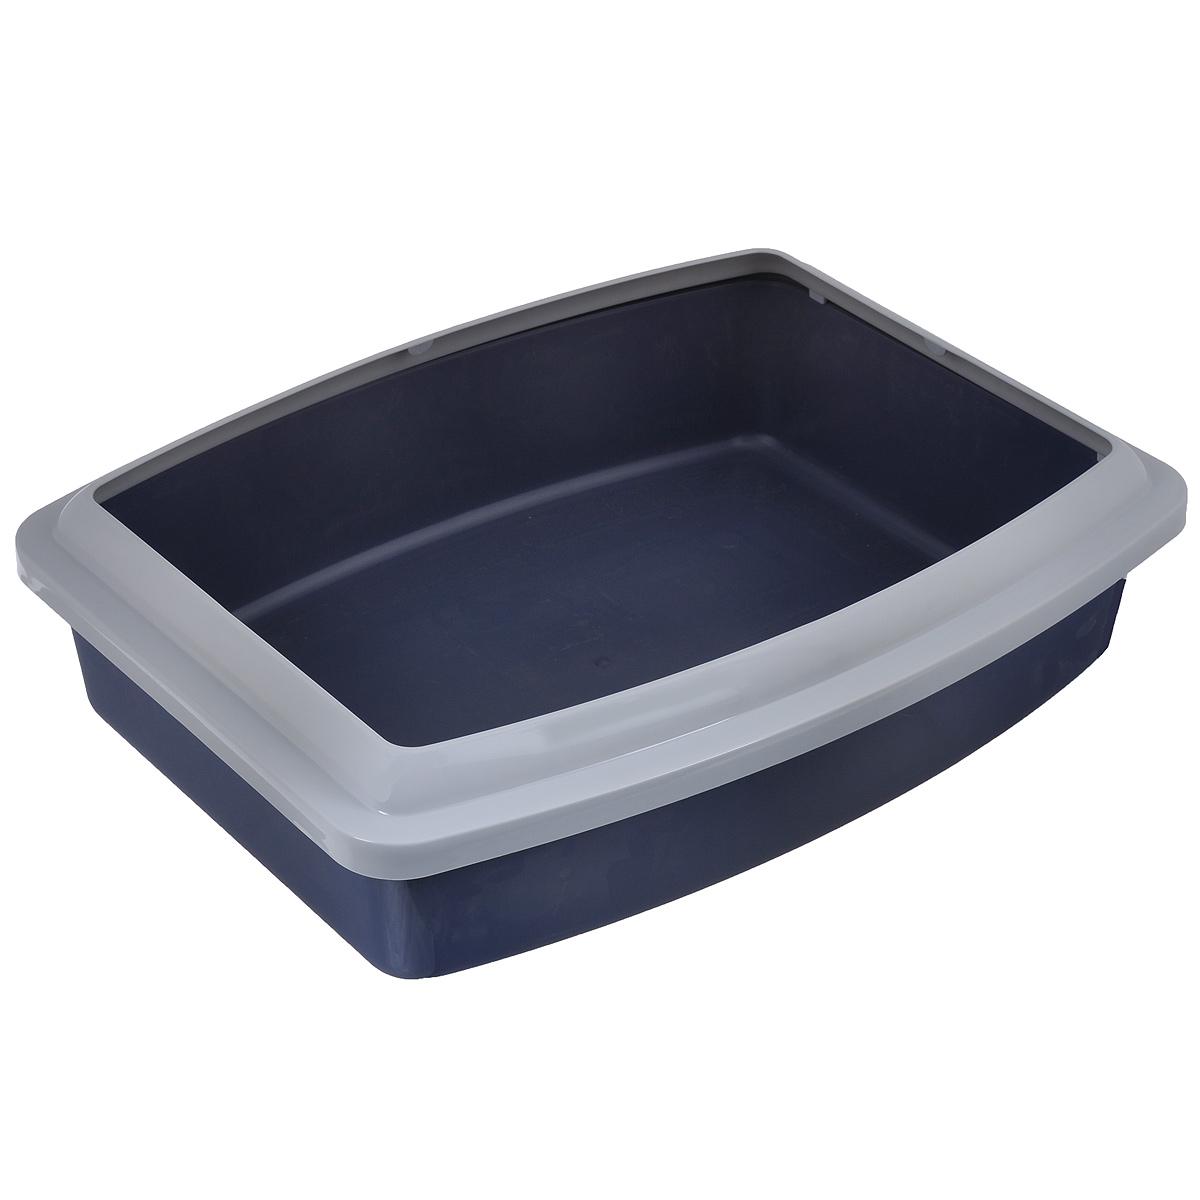 Туалет для кошек Savic Oval Trays Jumbo, с бортом, 56 х 43,5 х 14,5 см209_темно-серый, серыйТуалет для кошек Savic Oval Trays Jumbo изготовлен из качественного прочного пластика. Высокий цветной борт, прикрепленный по периметру лотка, удобно защелкивается и предотвращает разбрасывание наполнителя.Это самый простой в употреблении предмет обихода для кошек и котов.